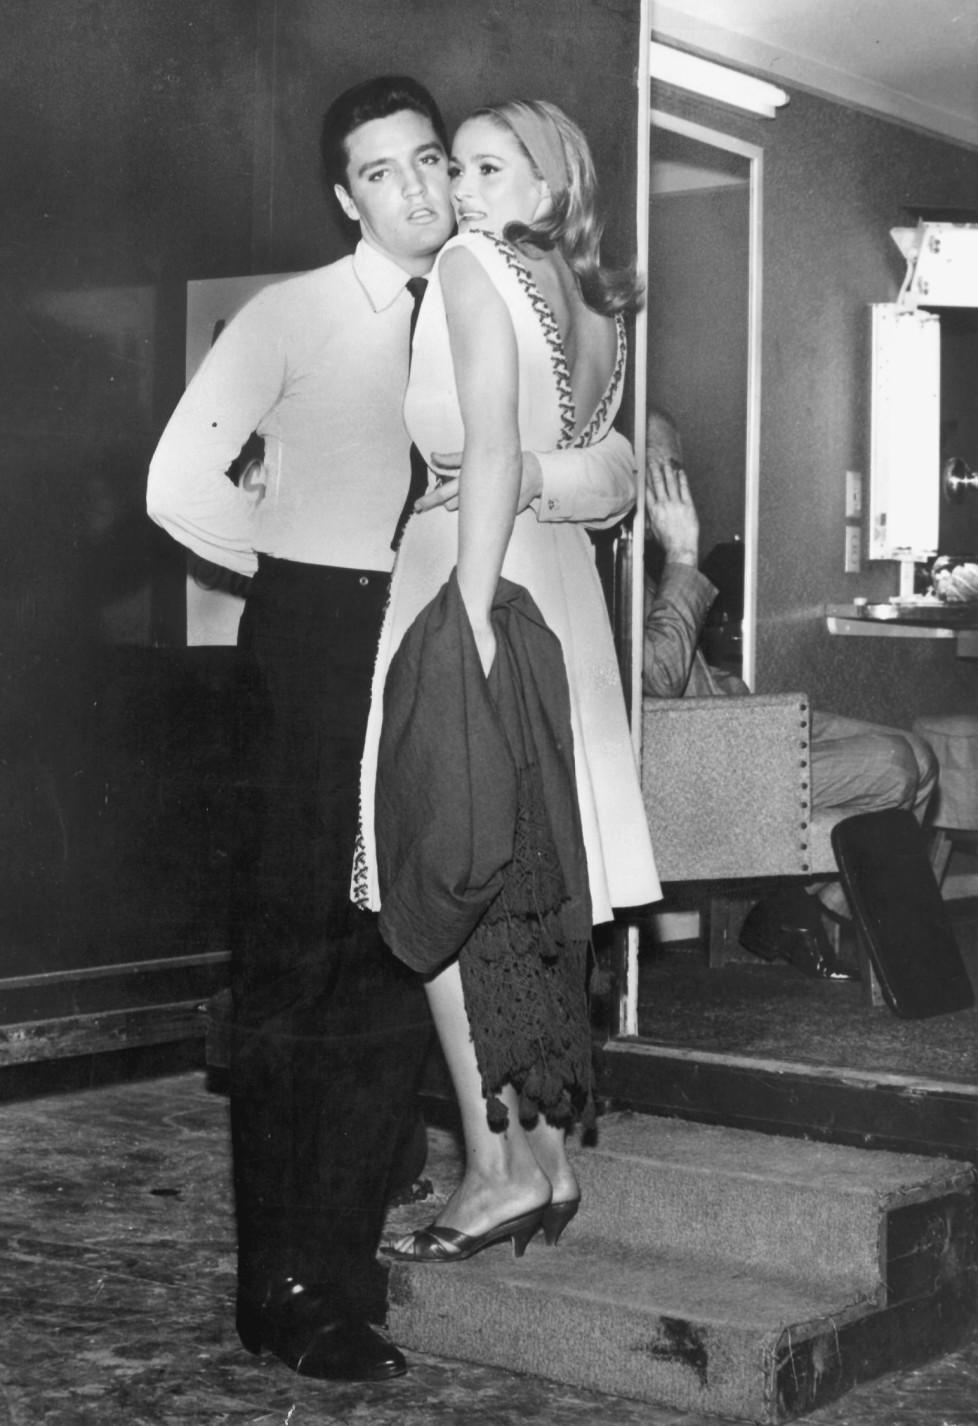 ZUM 80. GEBURTSTAG DER SCHWEIZER FILMSCHAUSPIELERIN URSULA ANDRESS AM SAMSTAG, 19. MAERZ 2016, STELLEN WIR IHNEN FOLGENDES BILDMATERIAL ZUR VERFUEGUNG - Elvis Presley und die um einen Kopf kleinere Schweizer Schauspielerin Ursula Andress finden hinter den Kulissen in einem Hollywood-Studio aller Groessenunterschiede zum Trotz einen Weg, um sich auf gemeinsamer Basis naeherzukommen (Archivbild von 1963). Die beiden standen zuvor im Film 'Fun in Acapulco' zusammen vor der Kamera. Am 16. August 1997 jaehrt sich der Todestag von Elvis Presley zum 20. Mal. (KEYSTONE/Str)